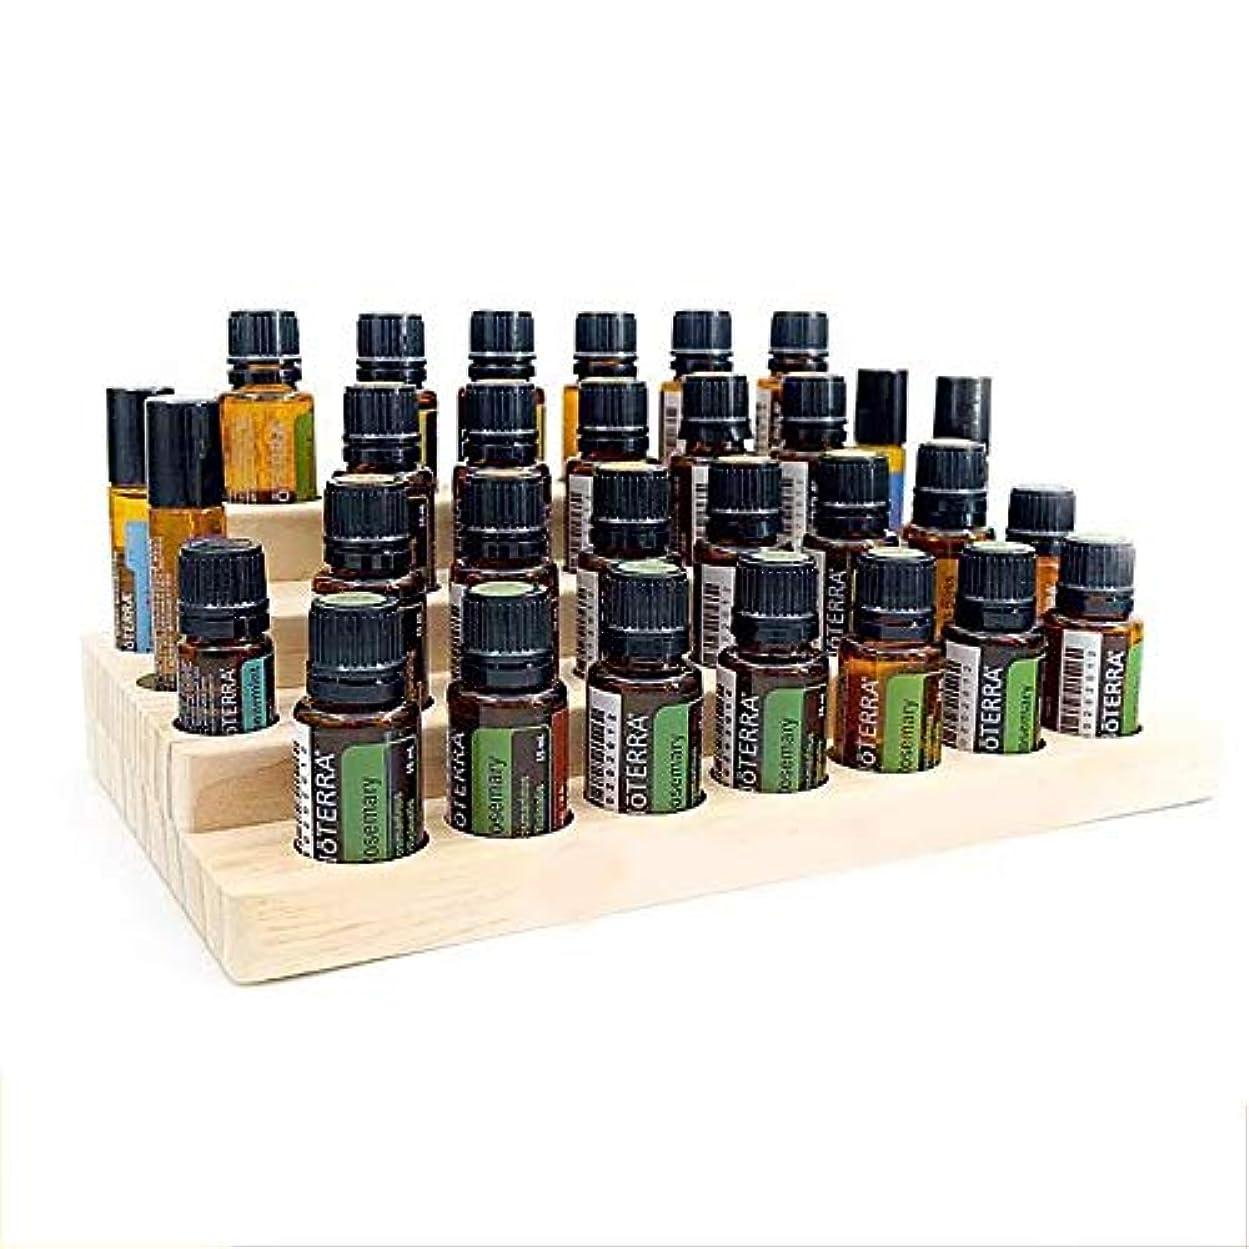 重くするロンドン段落エッセンシャルオイルの保管 30スロット木製エッセンシャルオイル木製ボックス油の収納ケースは、30本のボトルを保持します (色 : Natural, サイズ : 28.7X16.7X7.8CM)